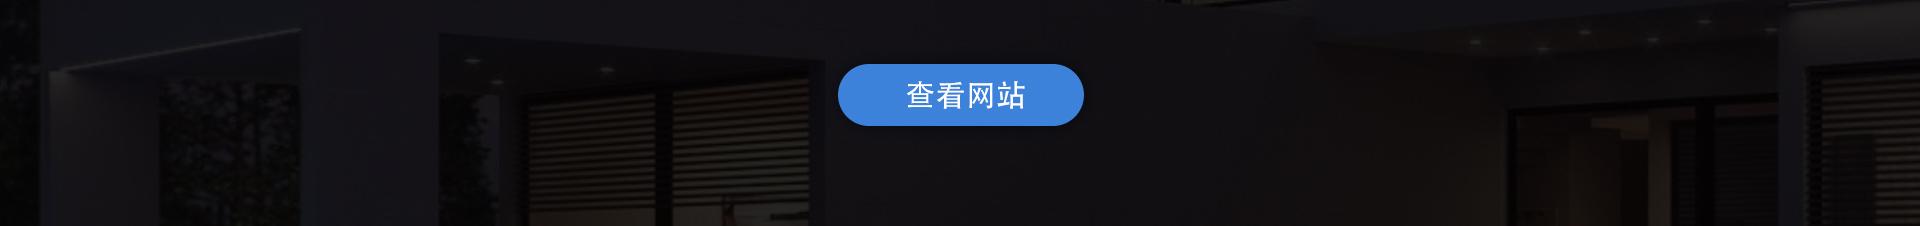 页面-王衡-王衡——湖北淳德生物科技有限公司_02